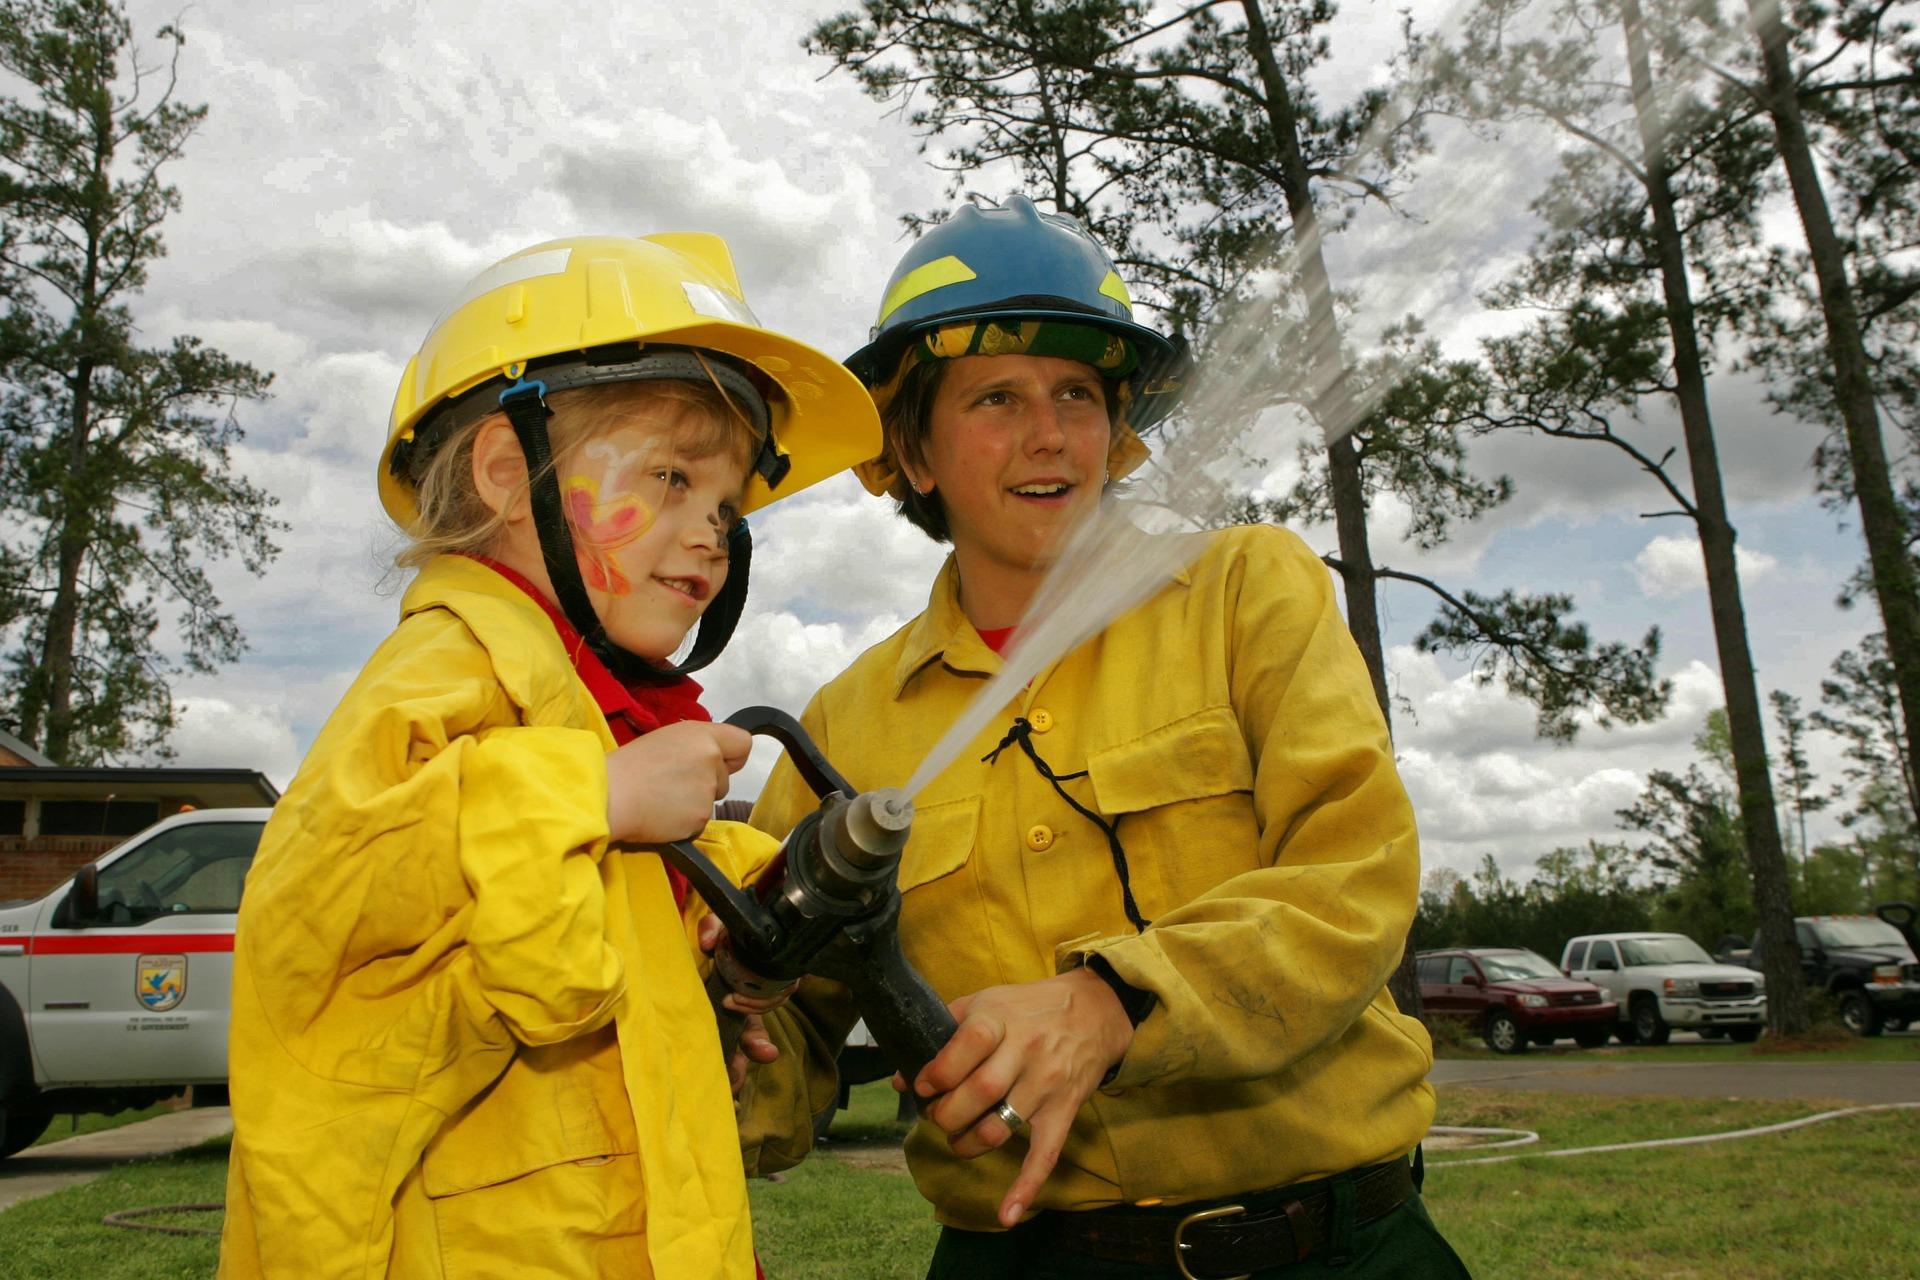 Nadace podpořila dobrovolné hasiče podílející se na komunitním životě